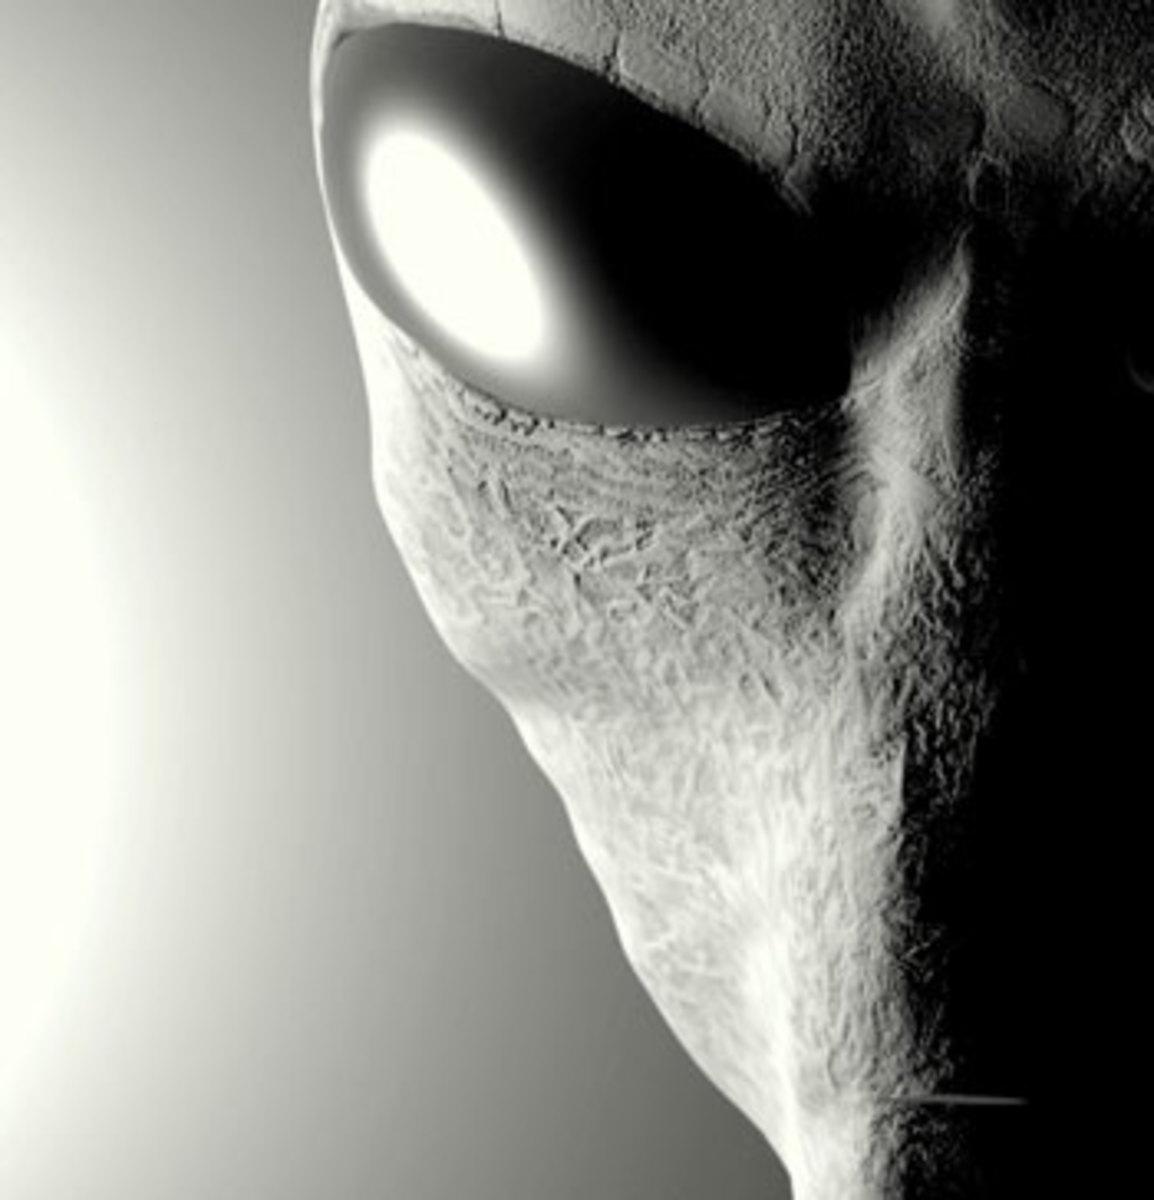 Ununpentium Ufo